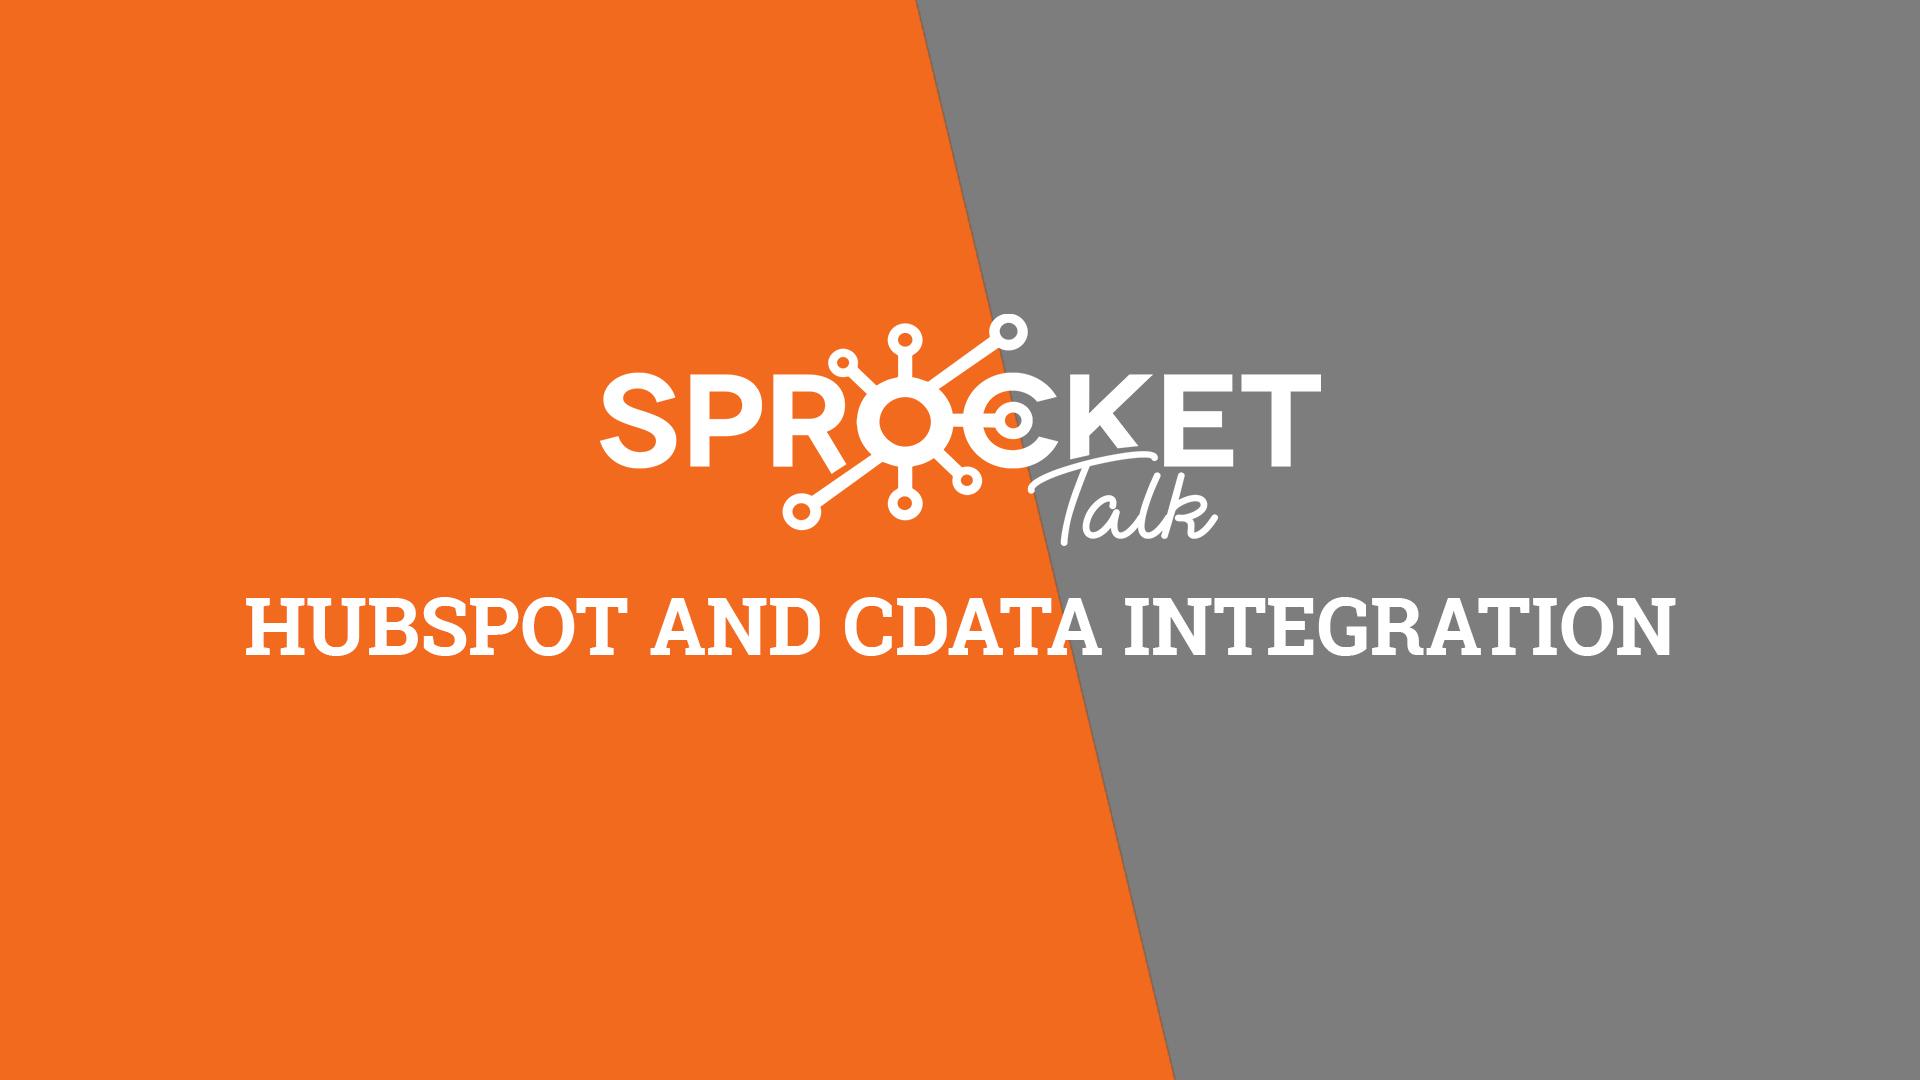 HubSpot and CData Integration